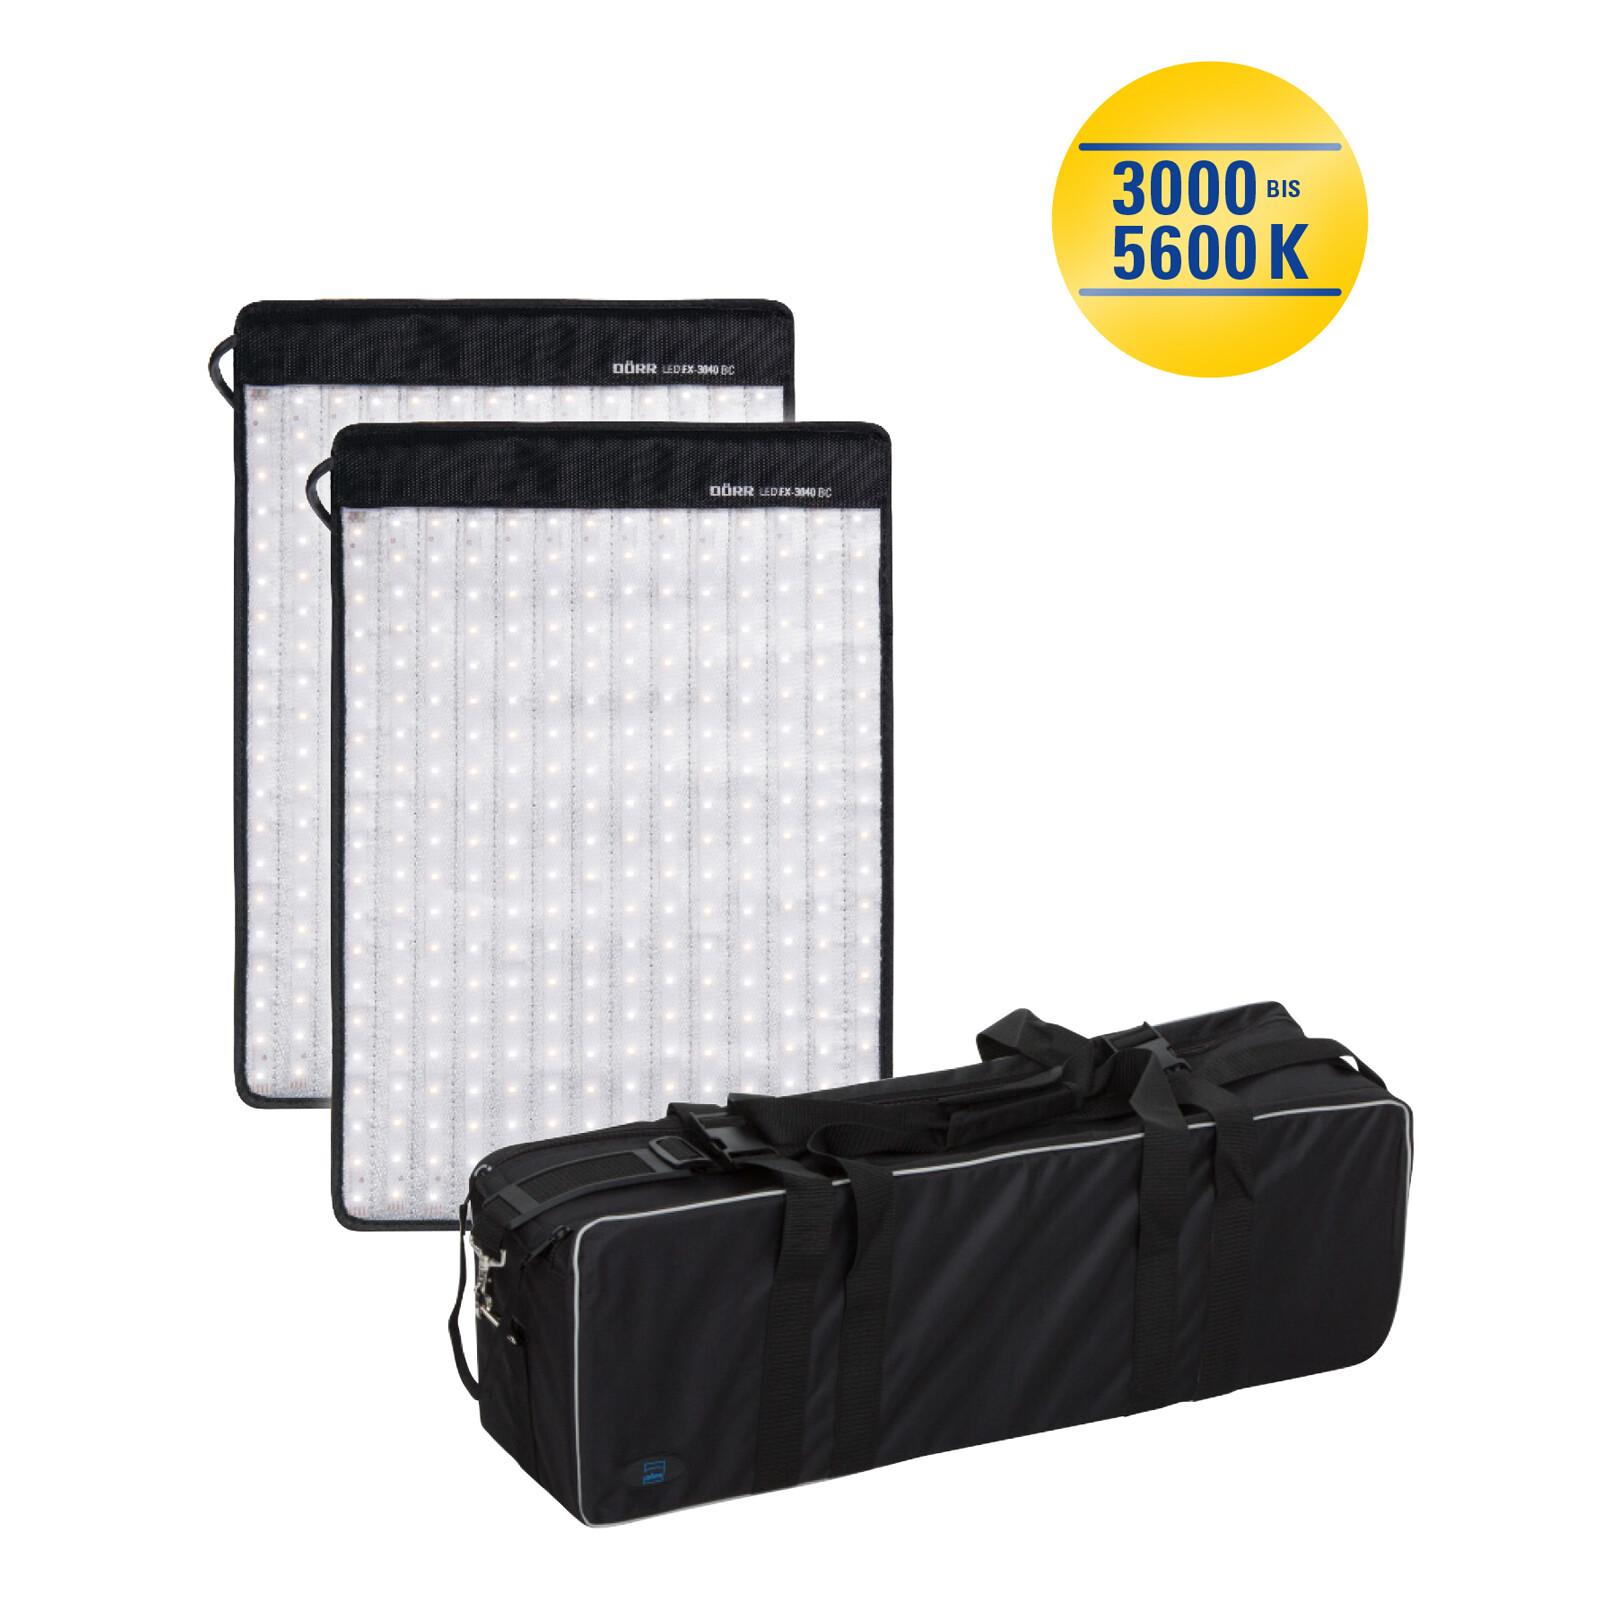 Dörr FX-3040 BC Set LED Flex Panel 2er-Set inkl. Tasche